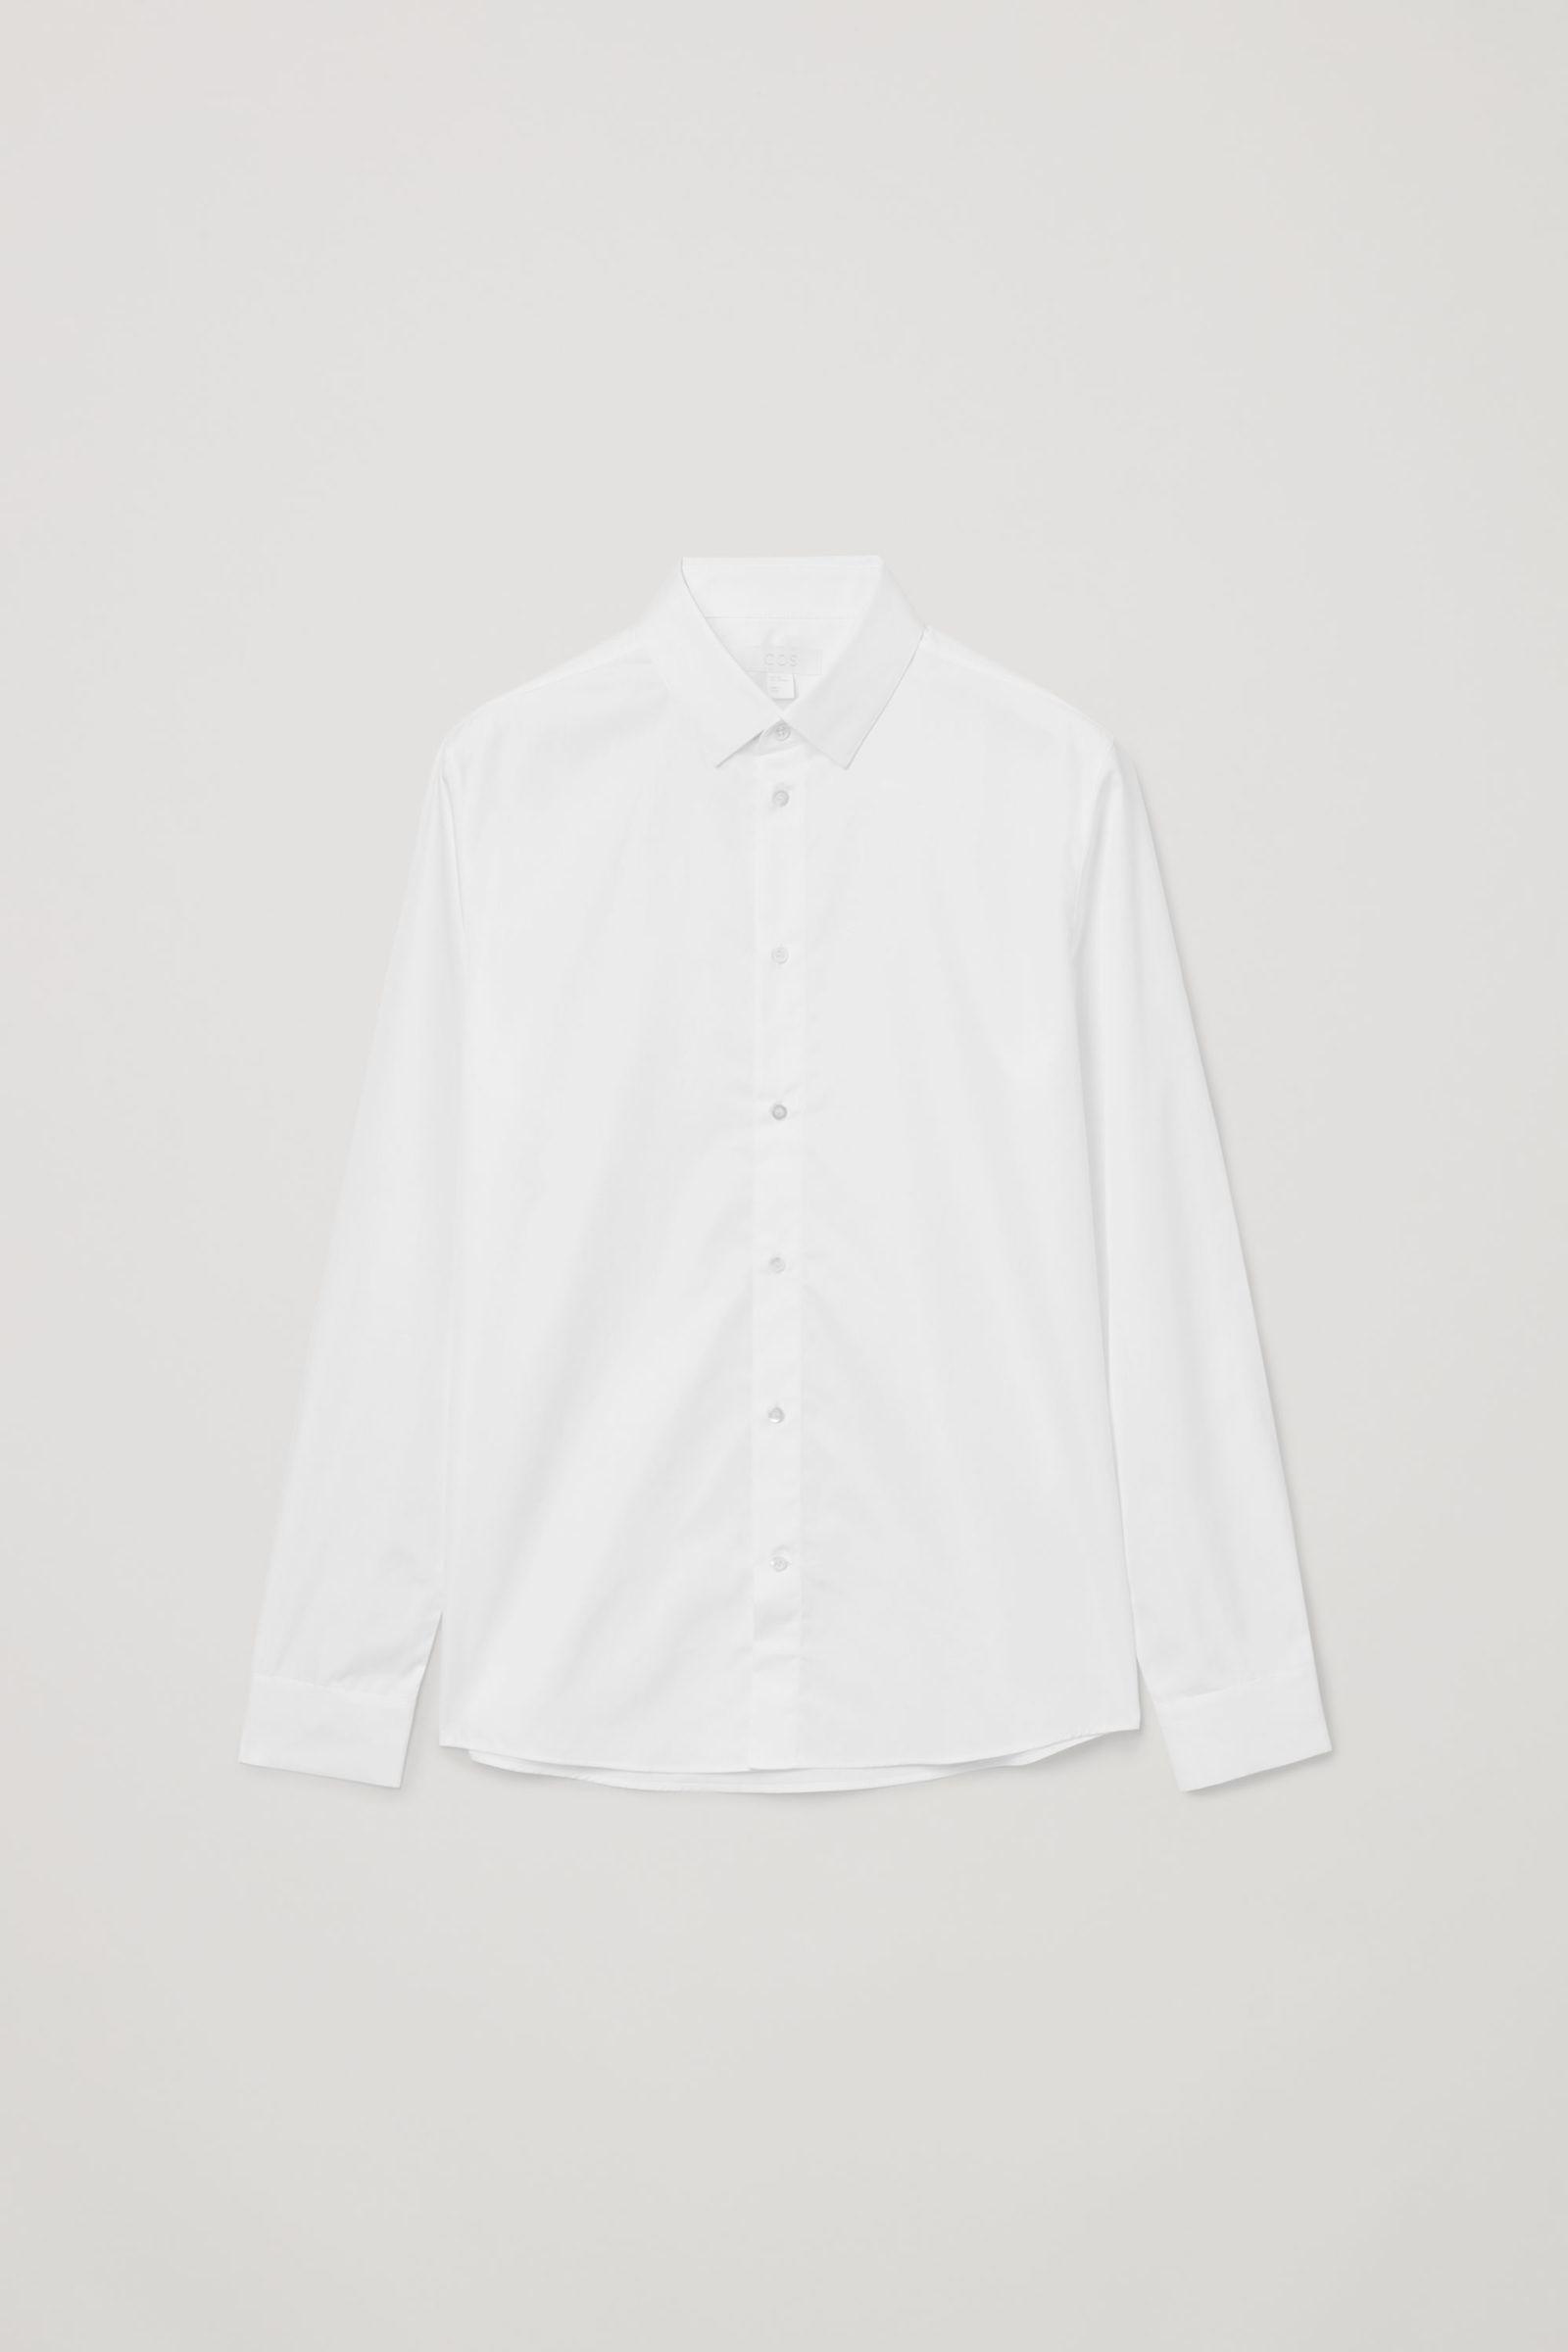 COS 테일러드 셔츠의 화이트컬러 Product입니다.